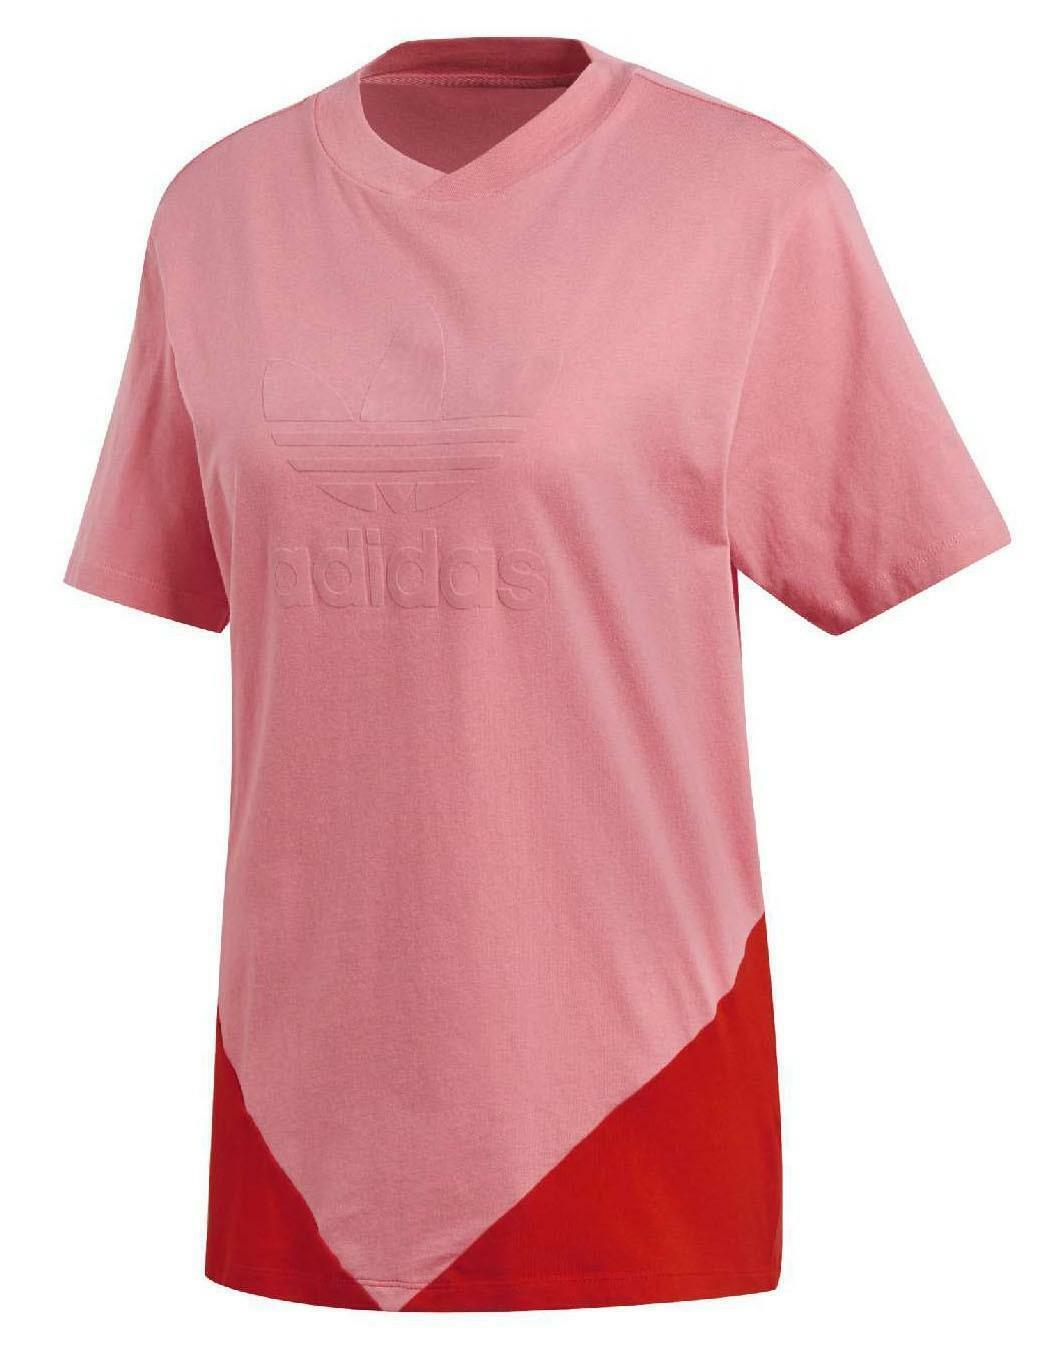 adidas adidas colorado t-shirt donna rosa ce1742